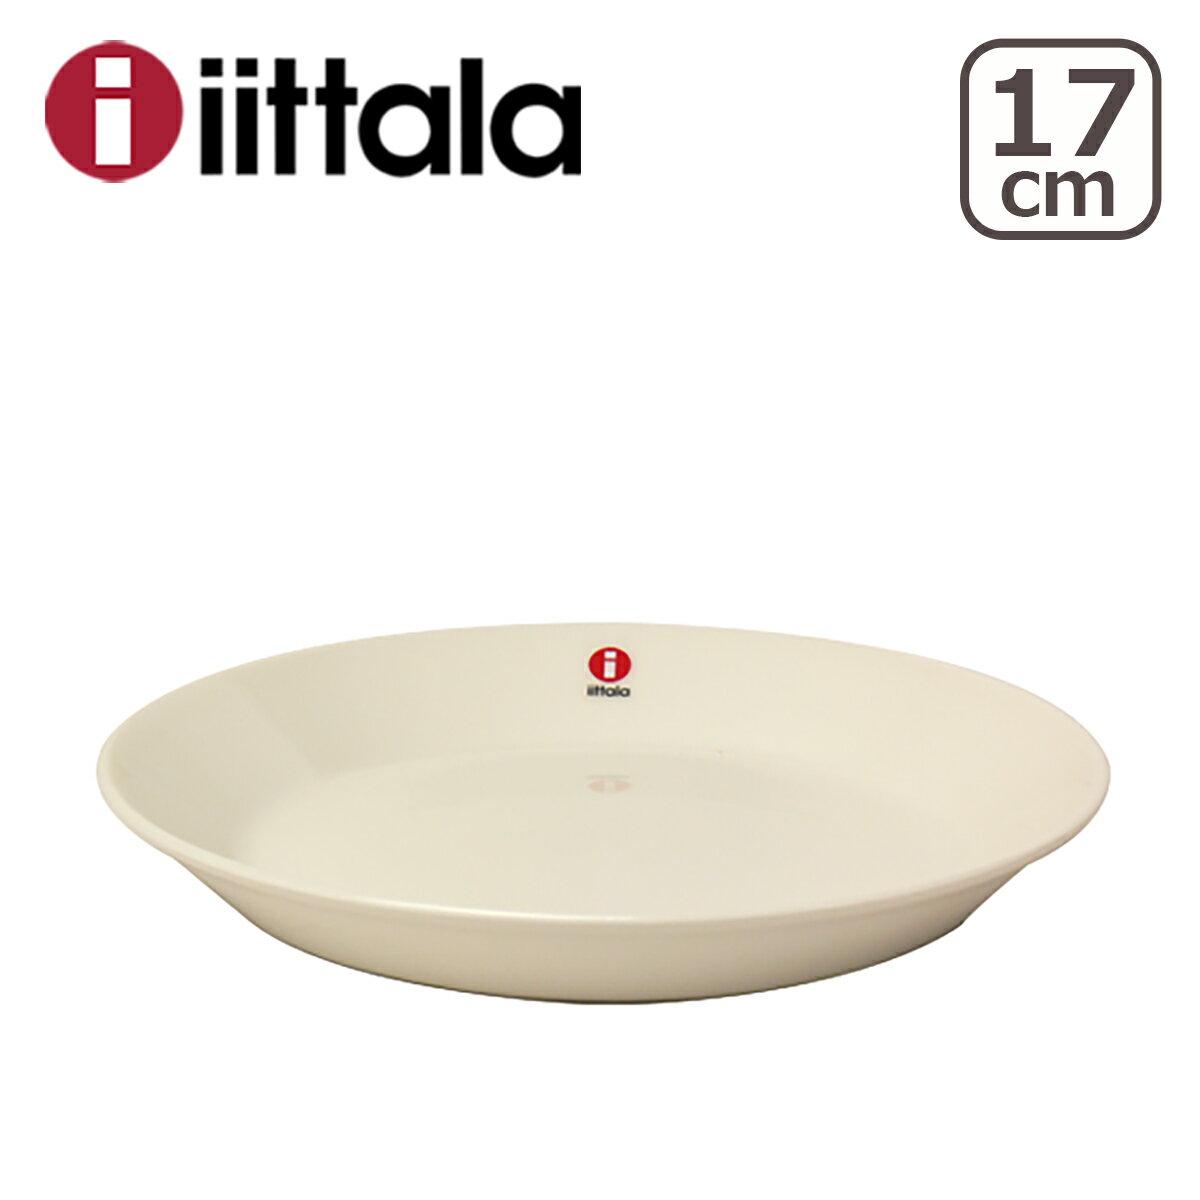 【Max1,000円OFFクーポン】イッタラ iittala ティーマ TEEMA 17cm プレート ホワイト 白皿 北欧 フィンランド 食器